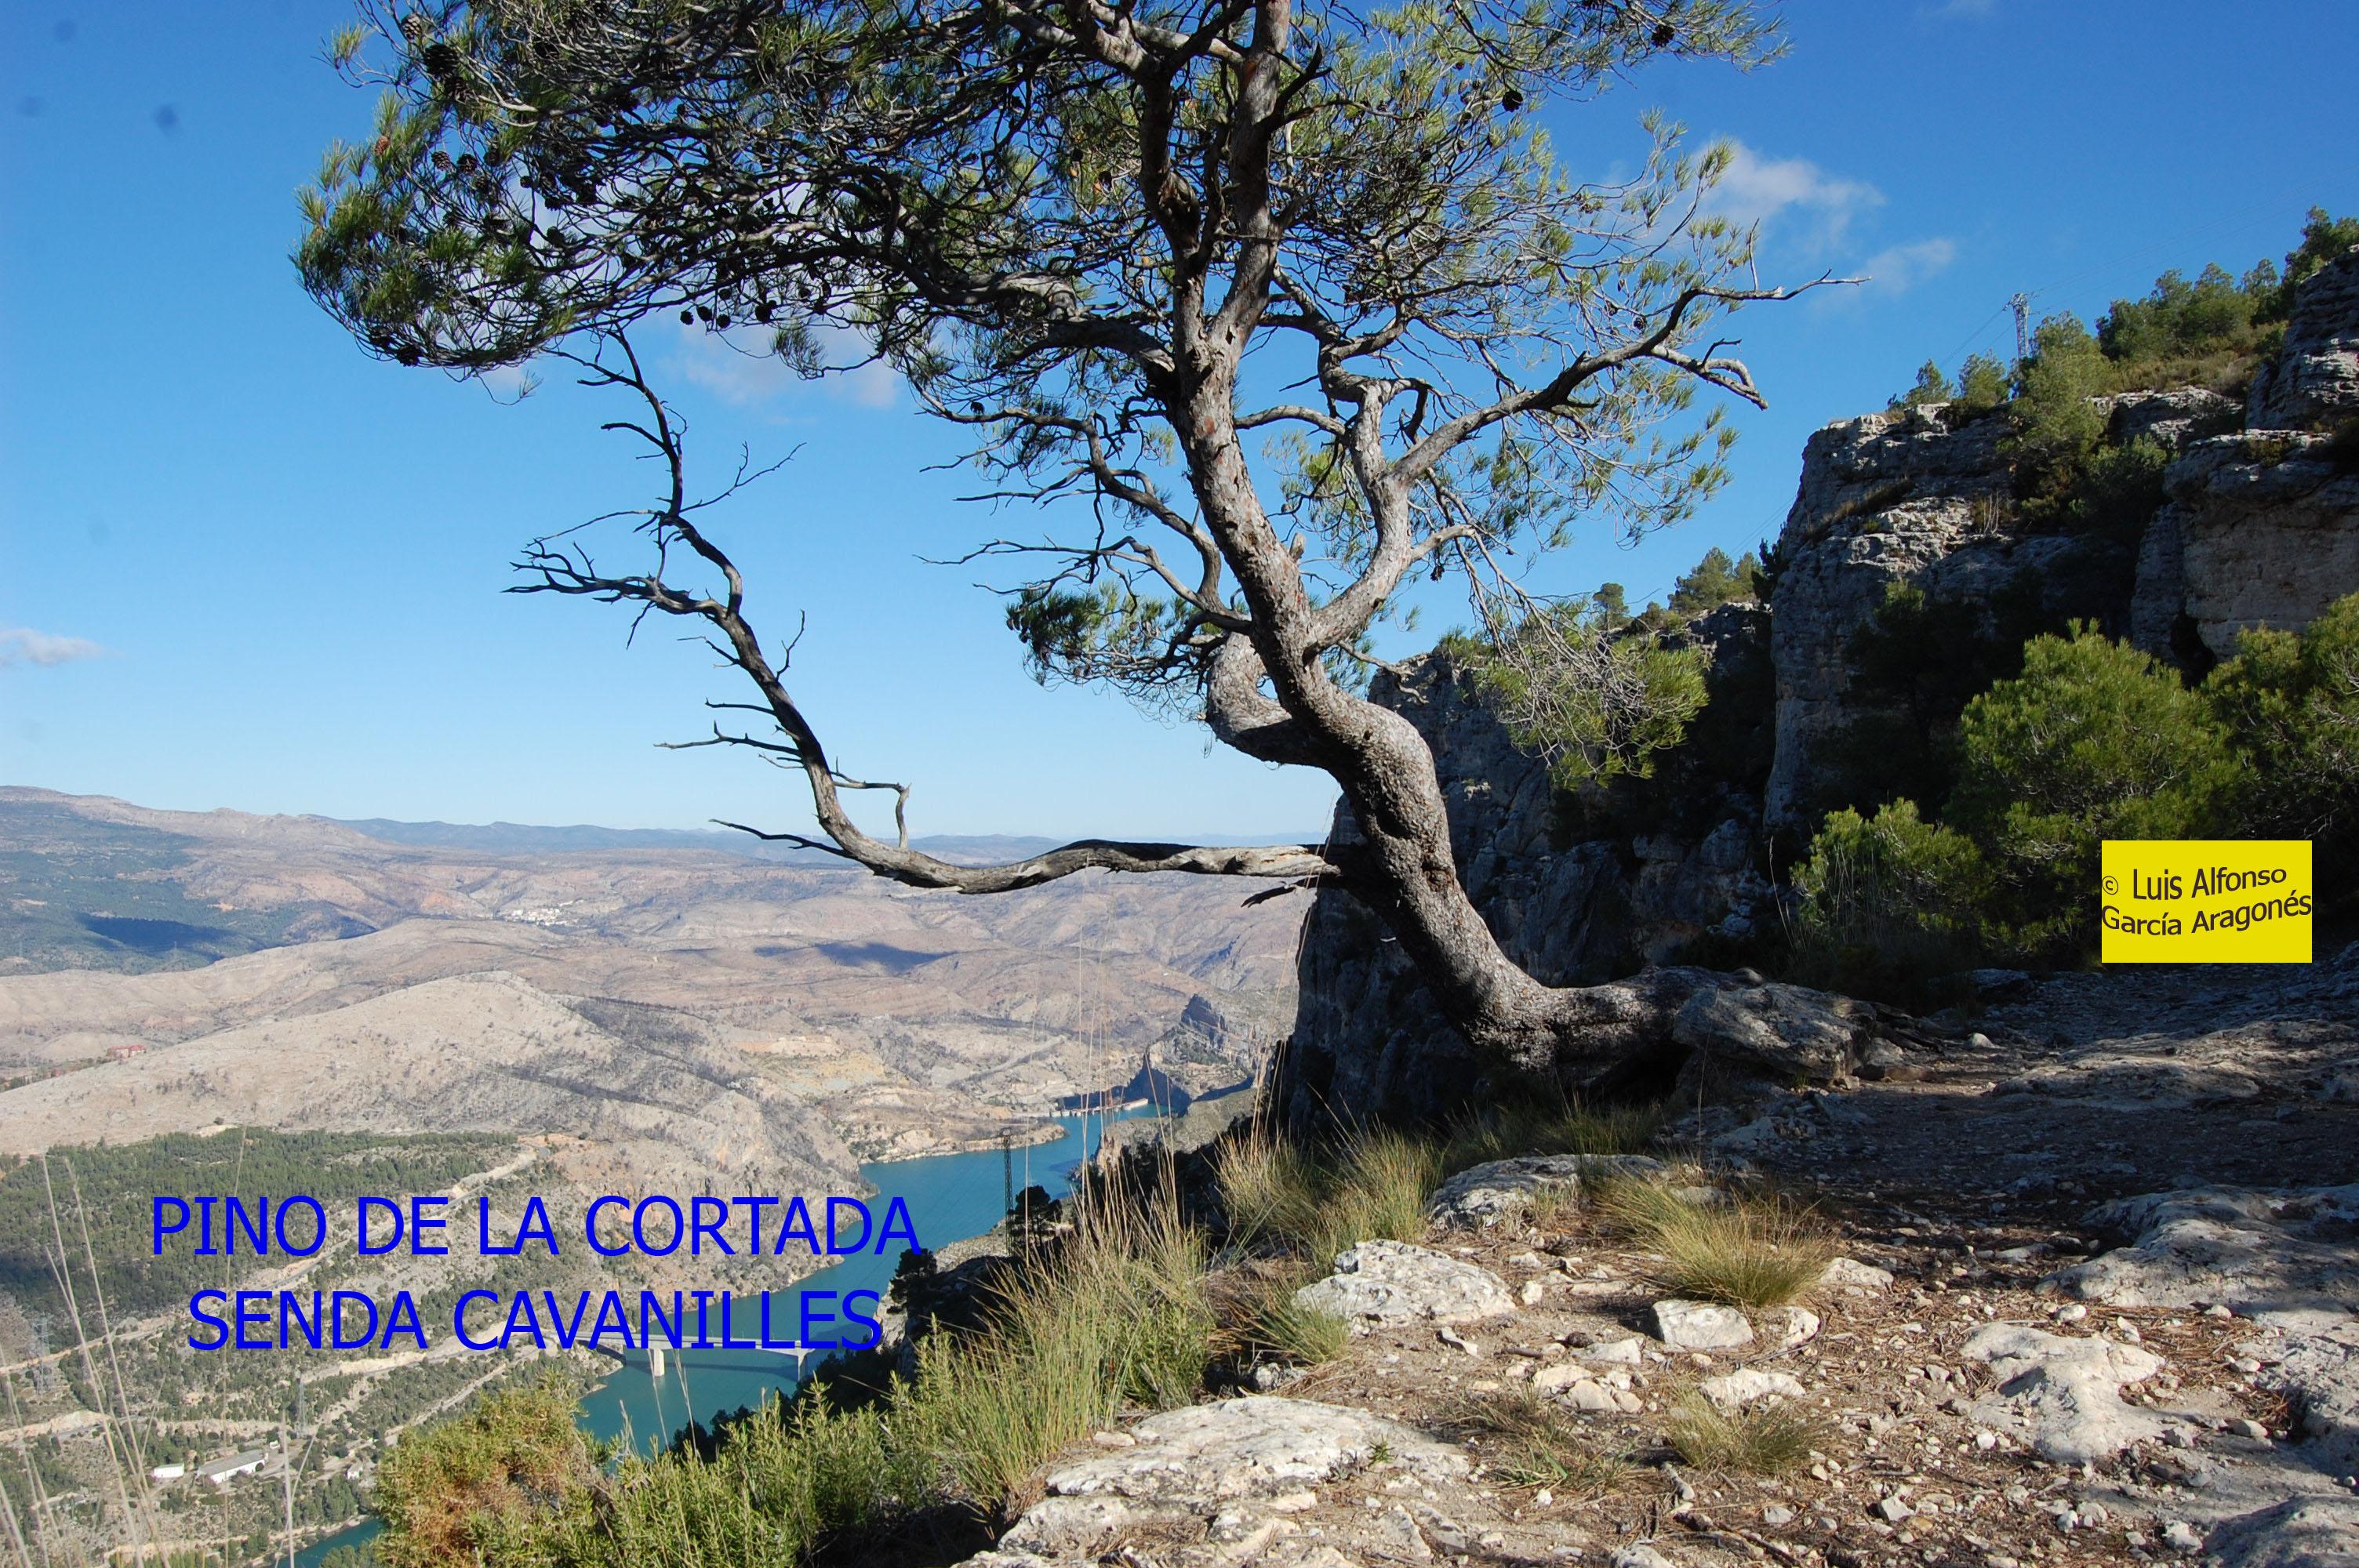 Pino de La Cortada - Punto 4 copia